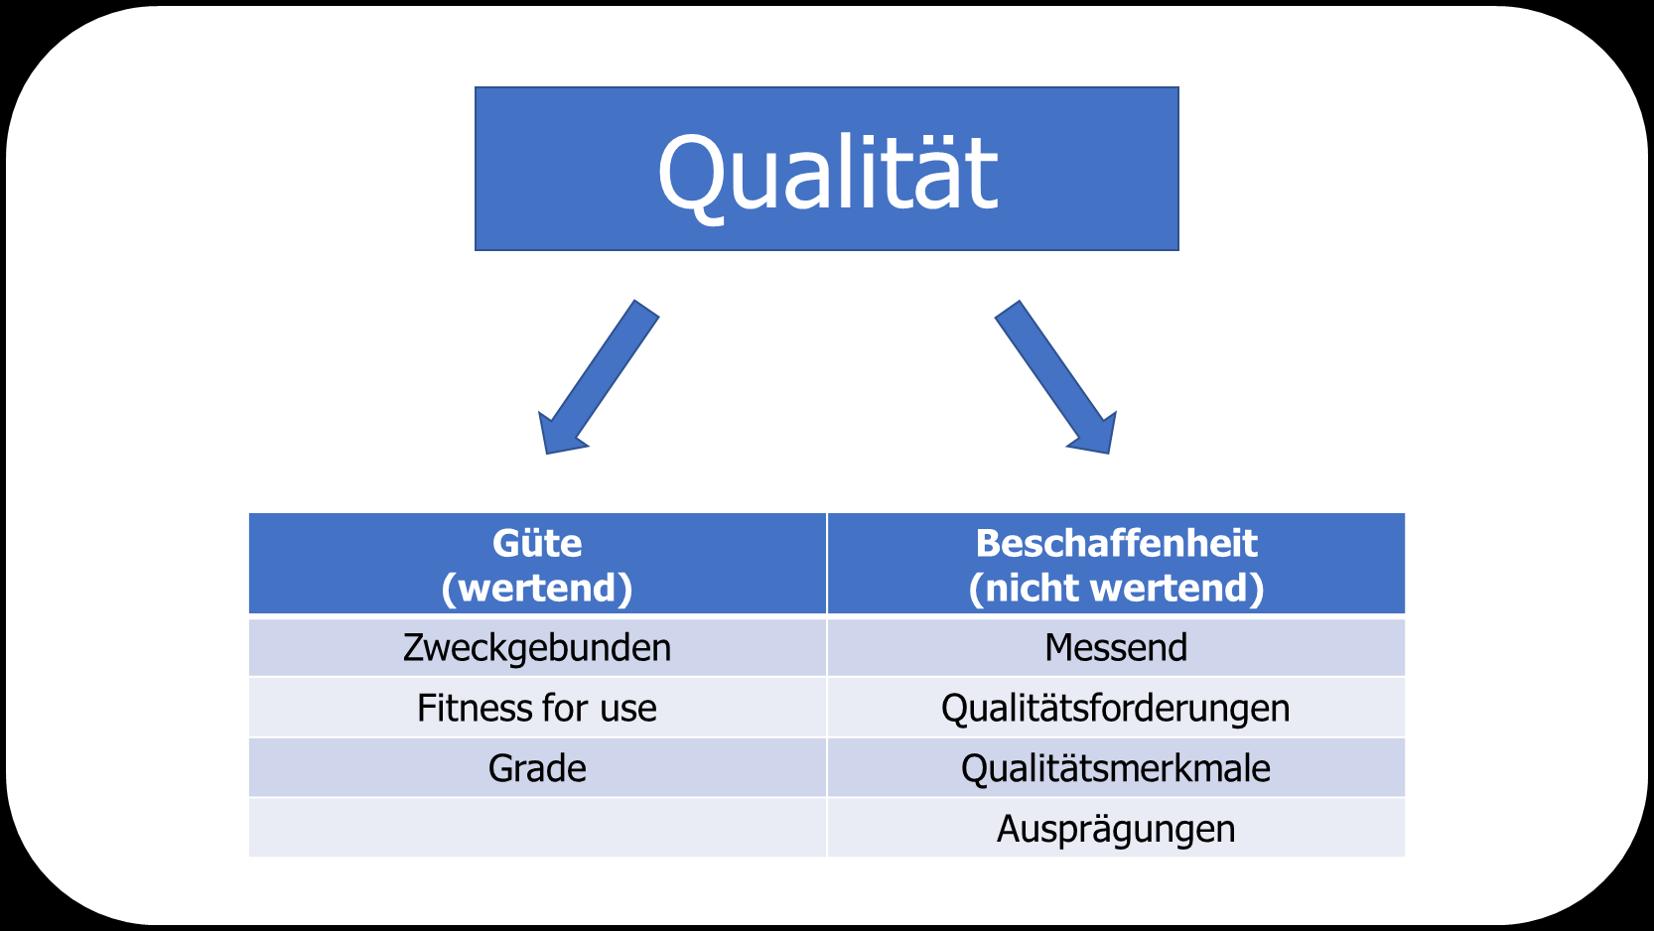 Qualitätsmanagement - Qualität unterscheidet sich nach Güte und Beschaffenheit